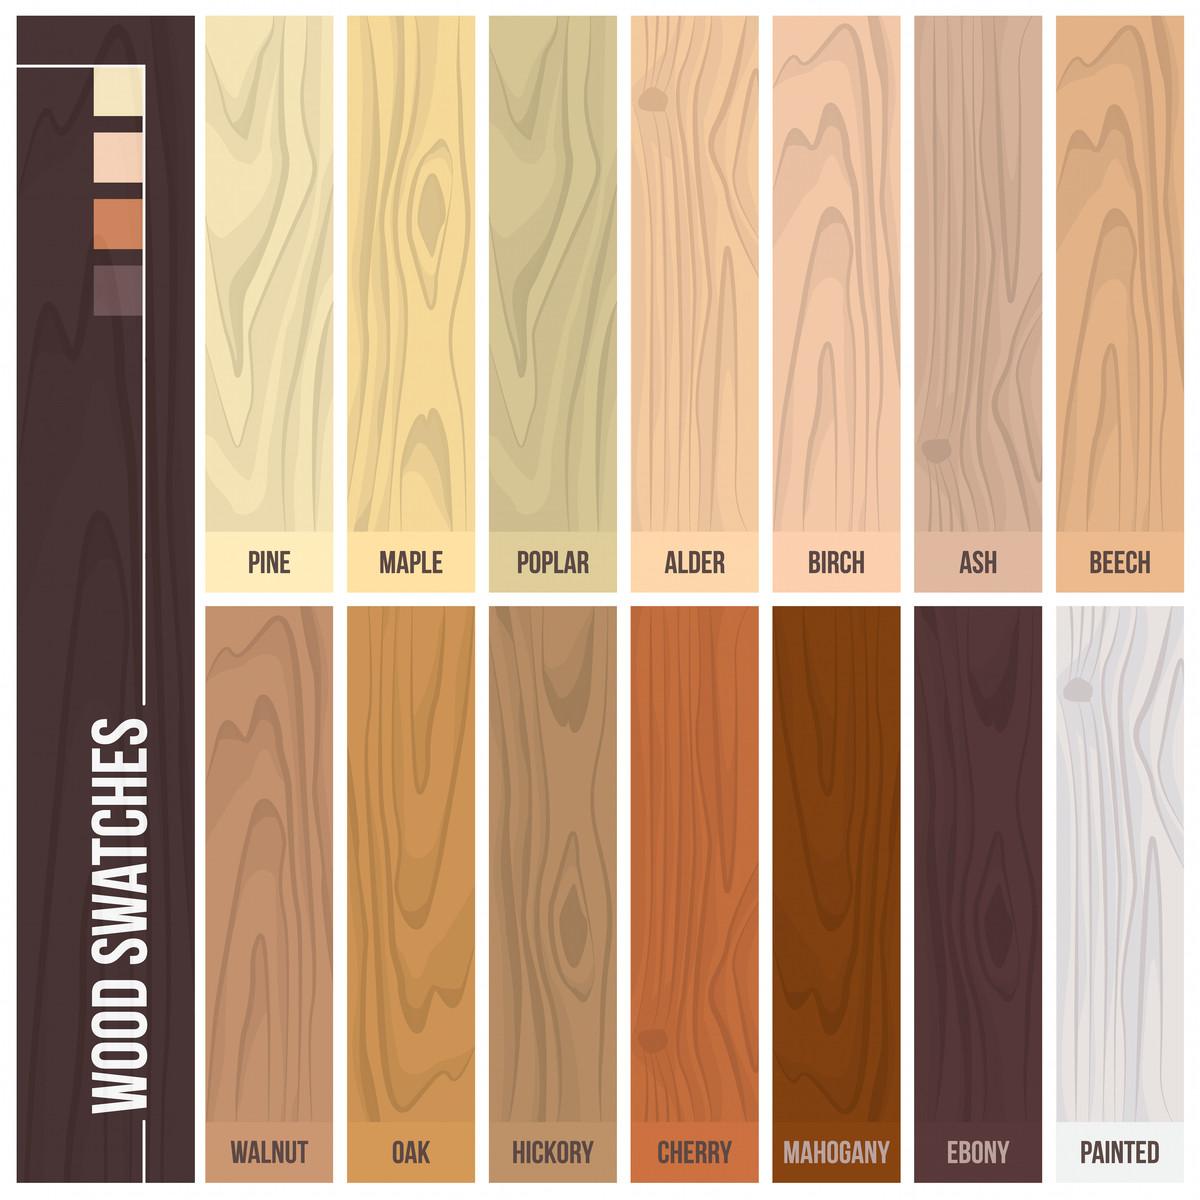 american oak hardwood flooring of 12 types of hardwood flooring species styles edging dimensions regarding types of hardwood flooring illustrated guide